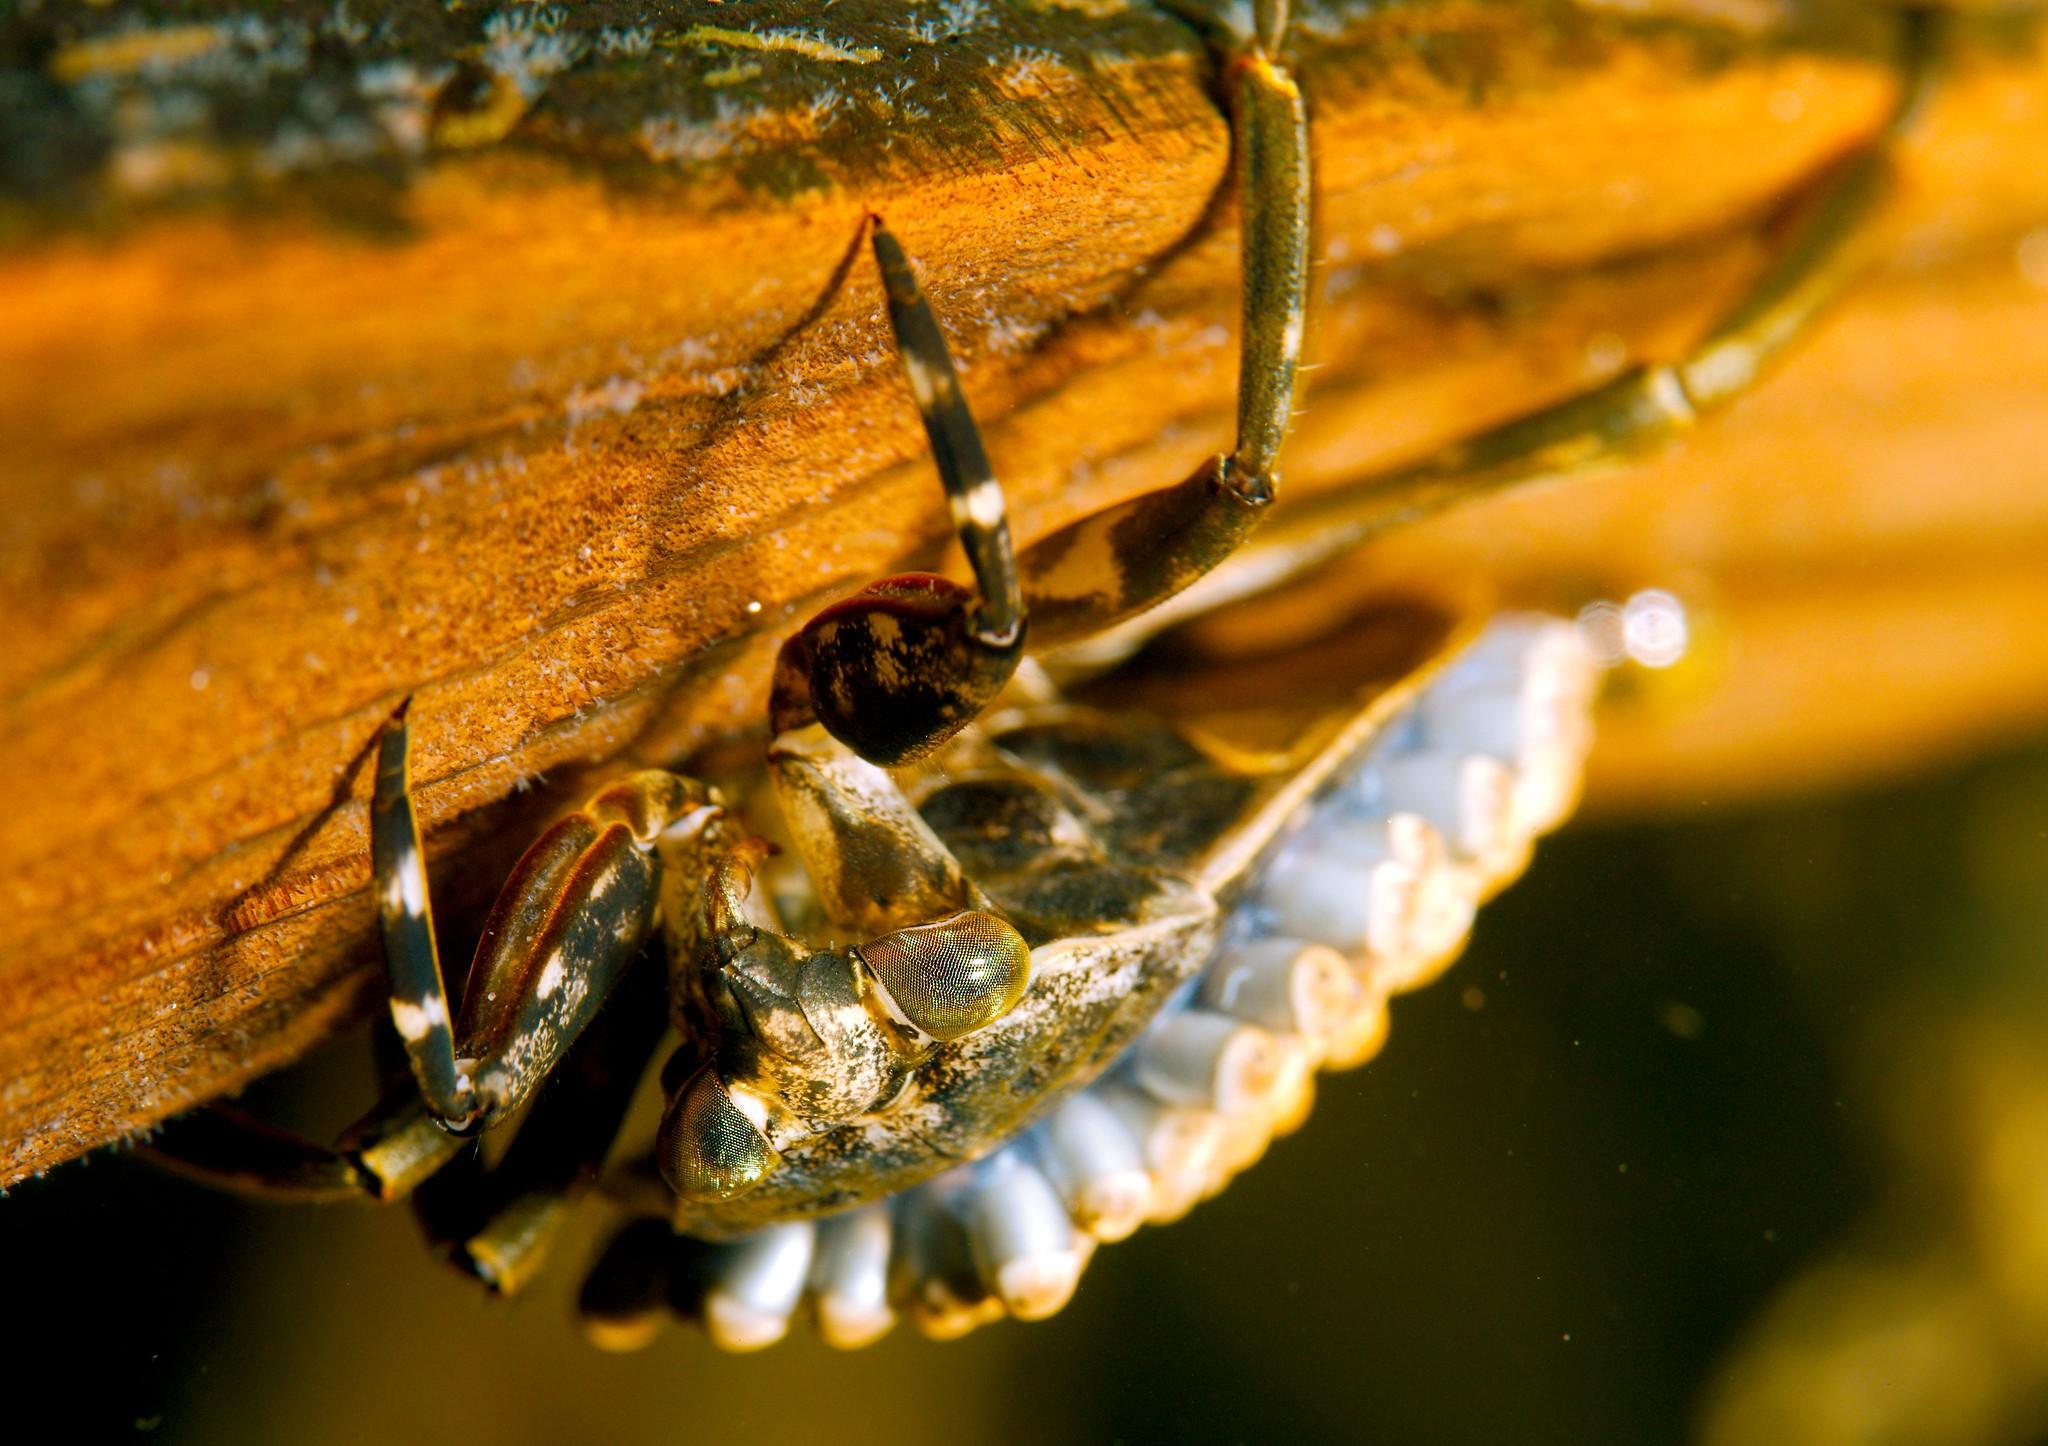 Giant Water Bug_1